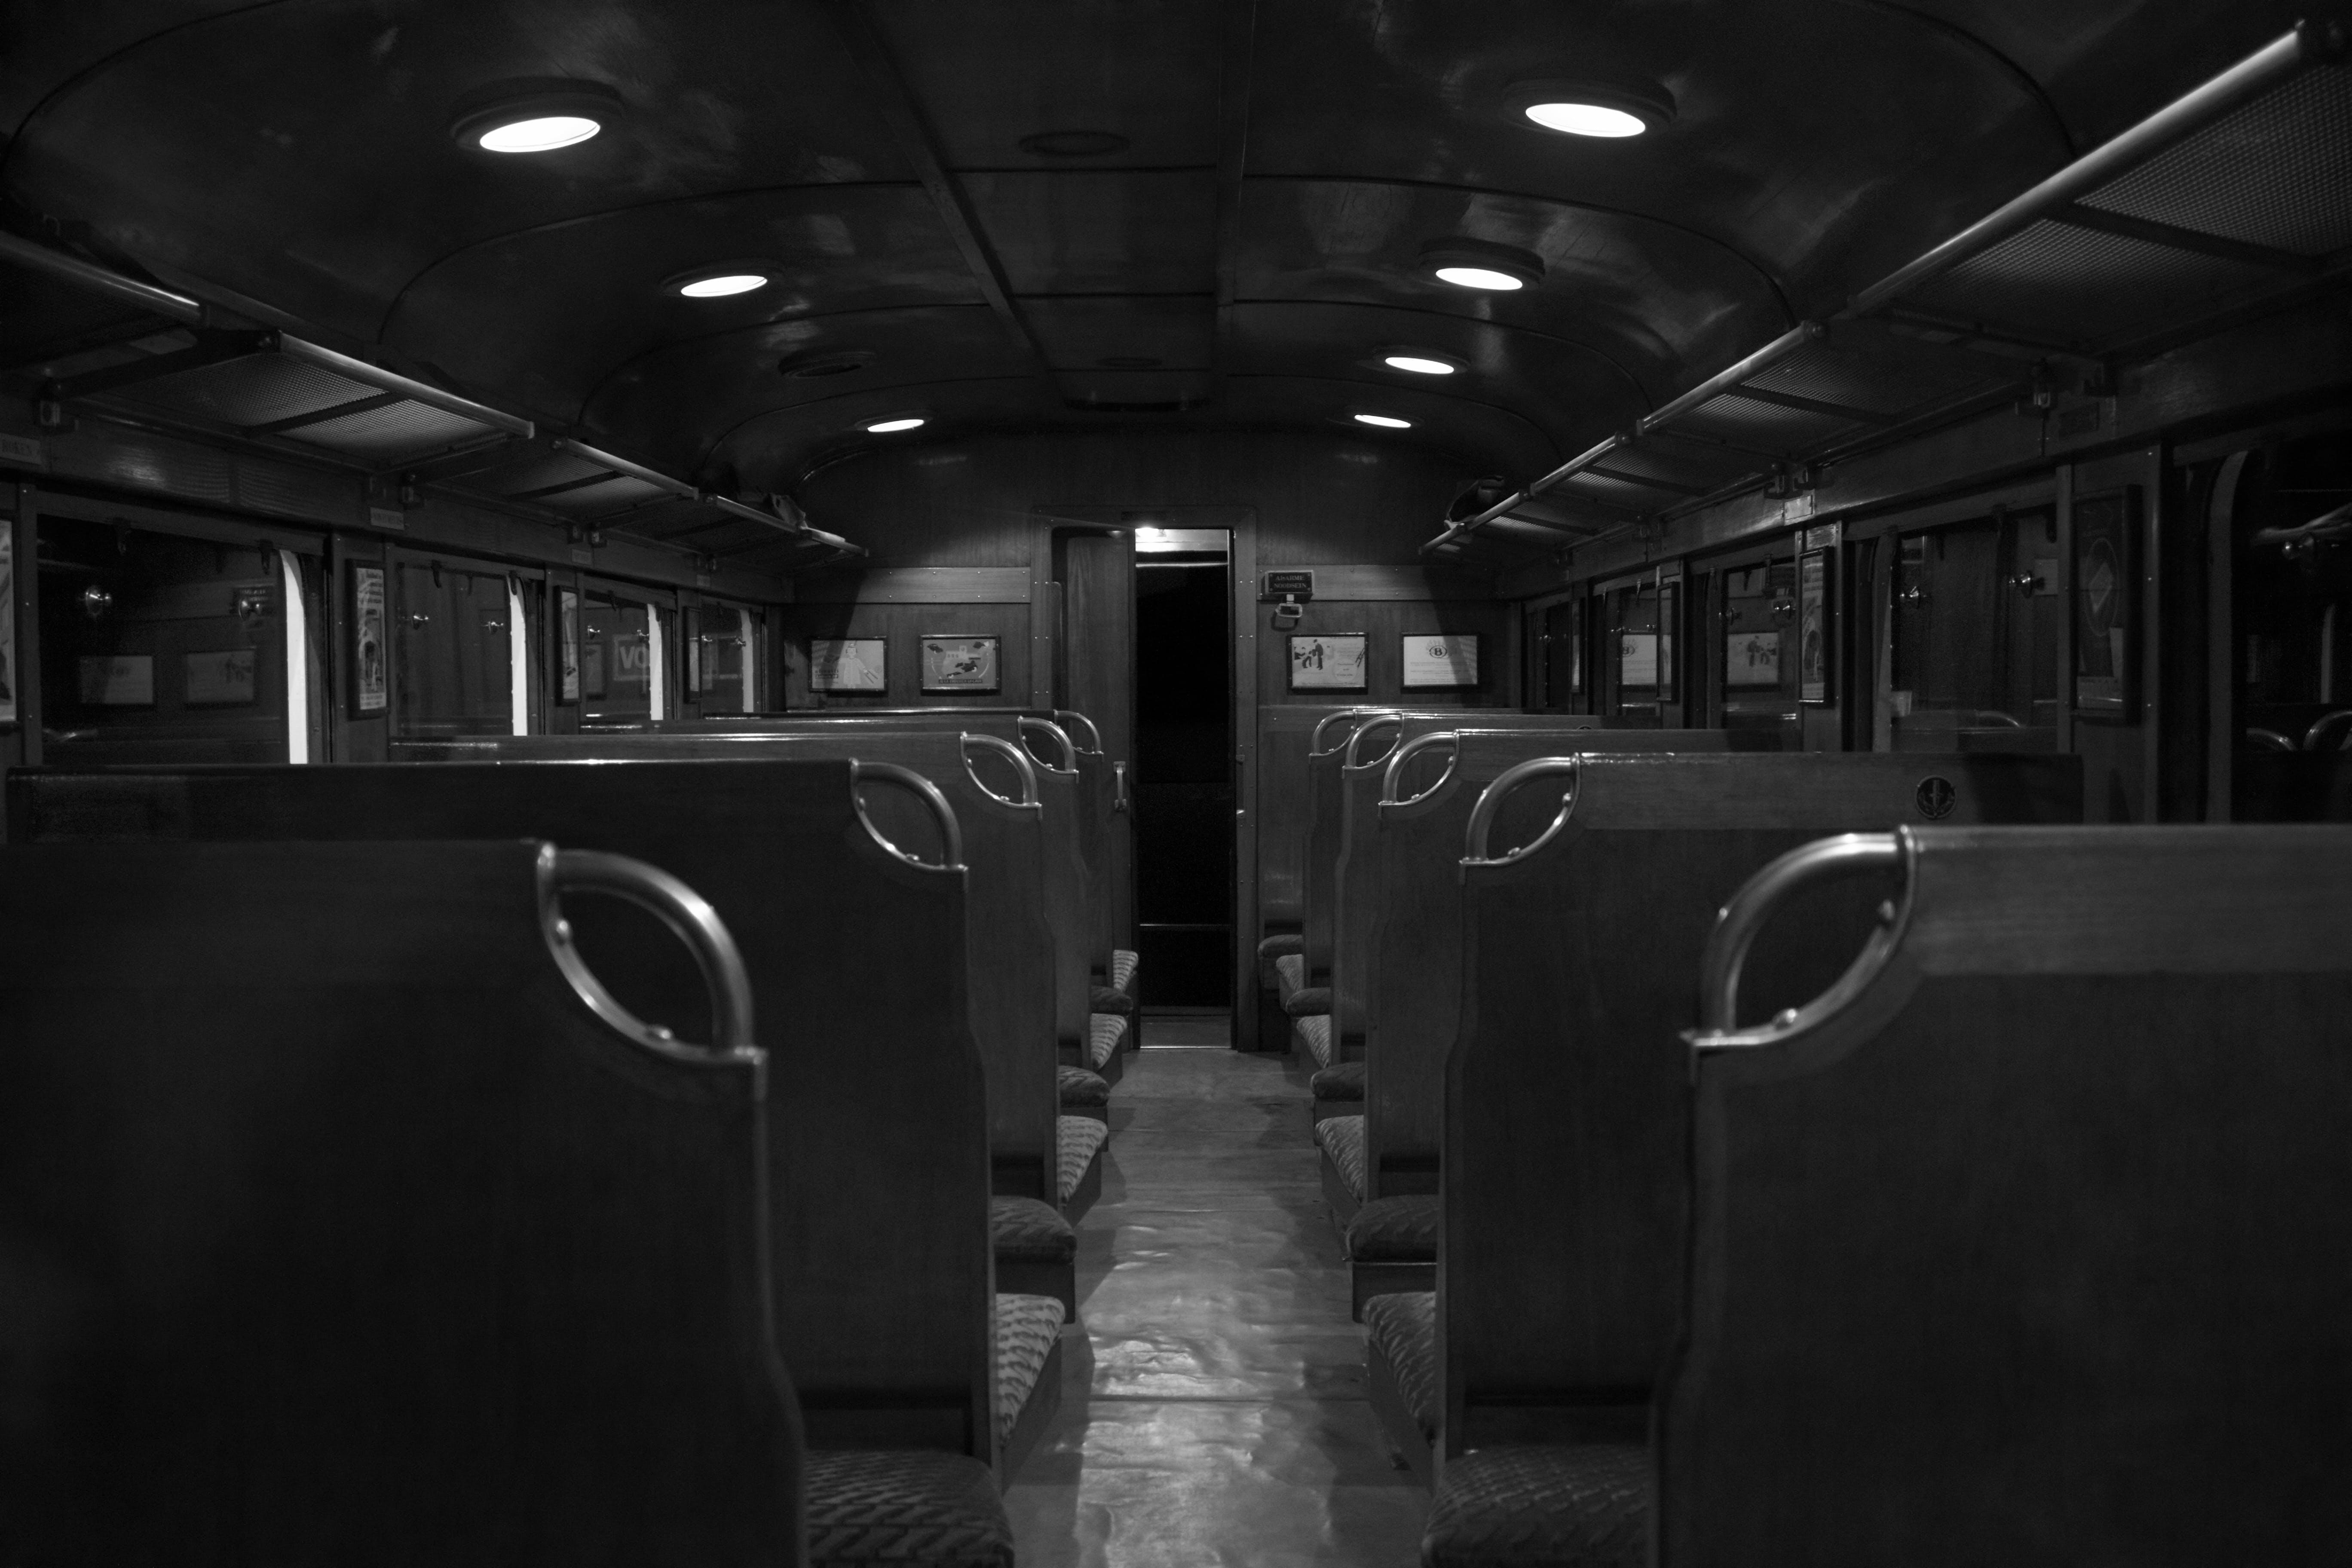 Kostenloses Stock Foto zu schwarz und weiß, zug, öffentliche verkehrsmittel, sitze